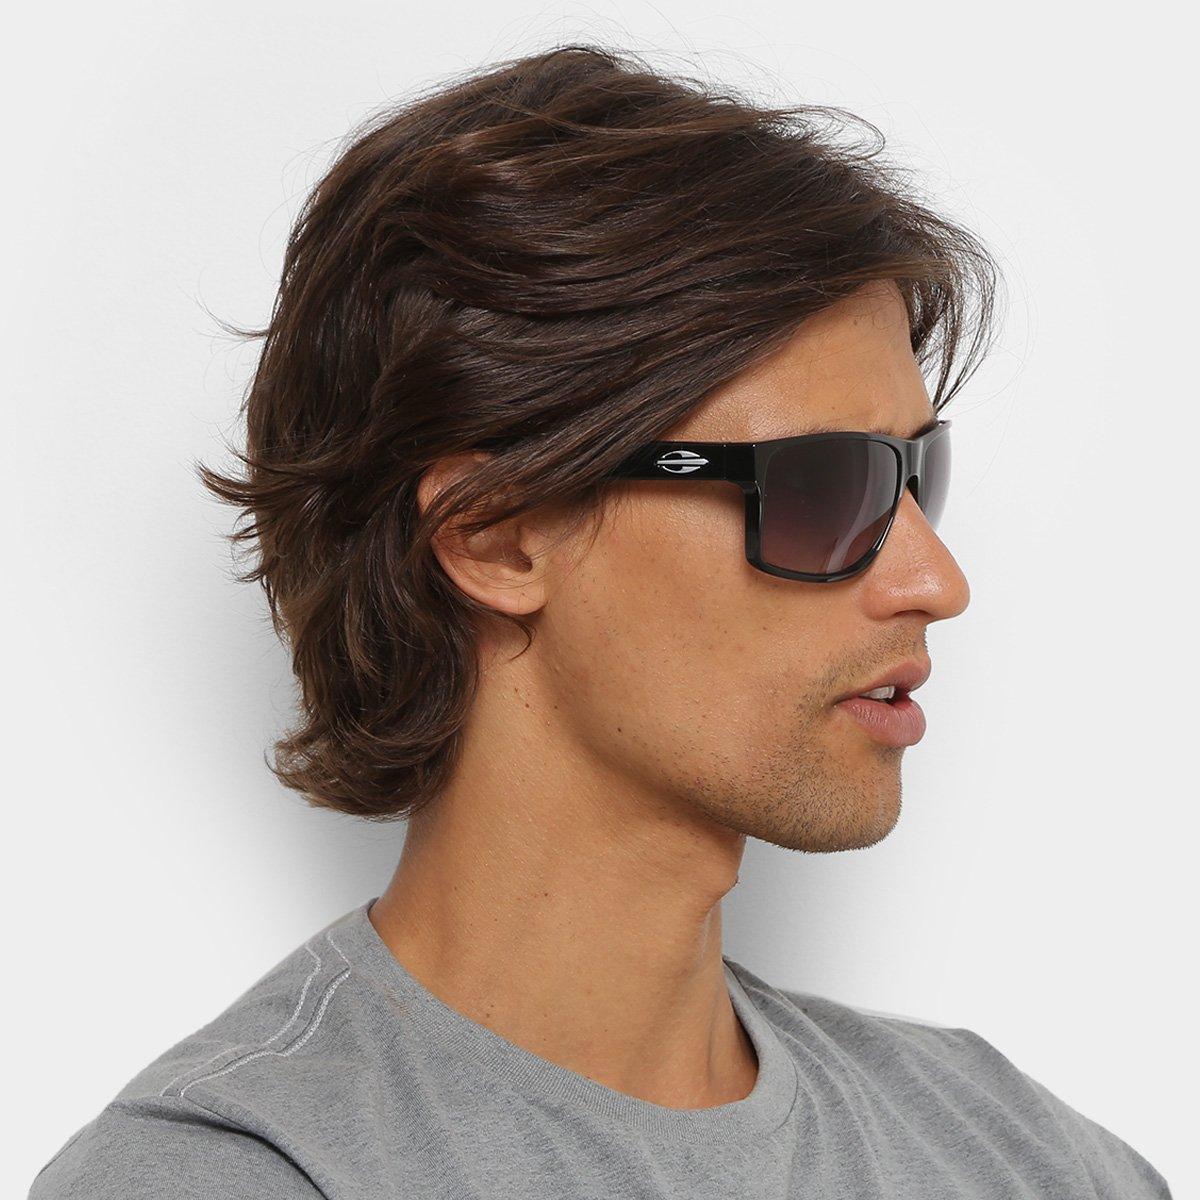 8cbe4b7e5 Óculos de Sol Mormaii Carmel Brilho Degrade Masculino | Livelo -Sua Vida  com Mais Recompensas